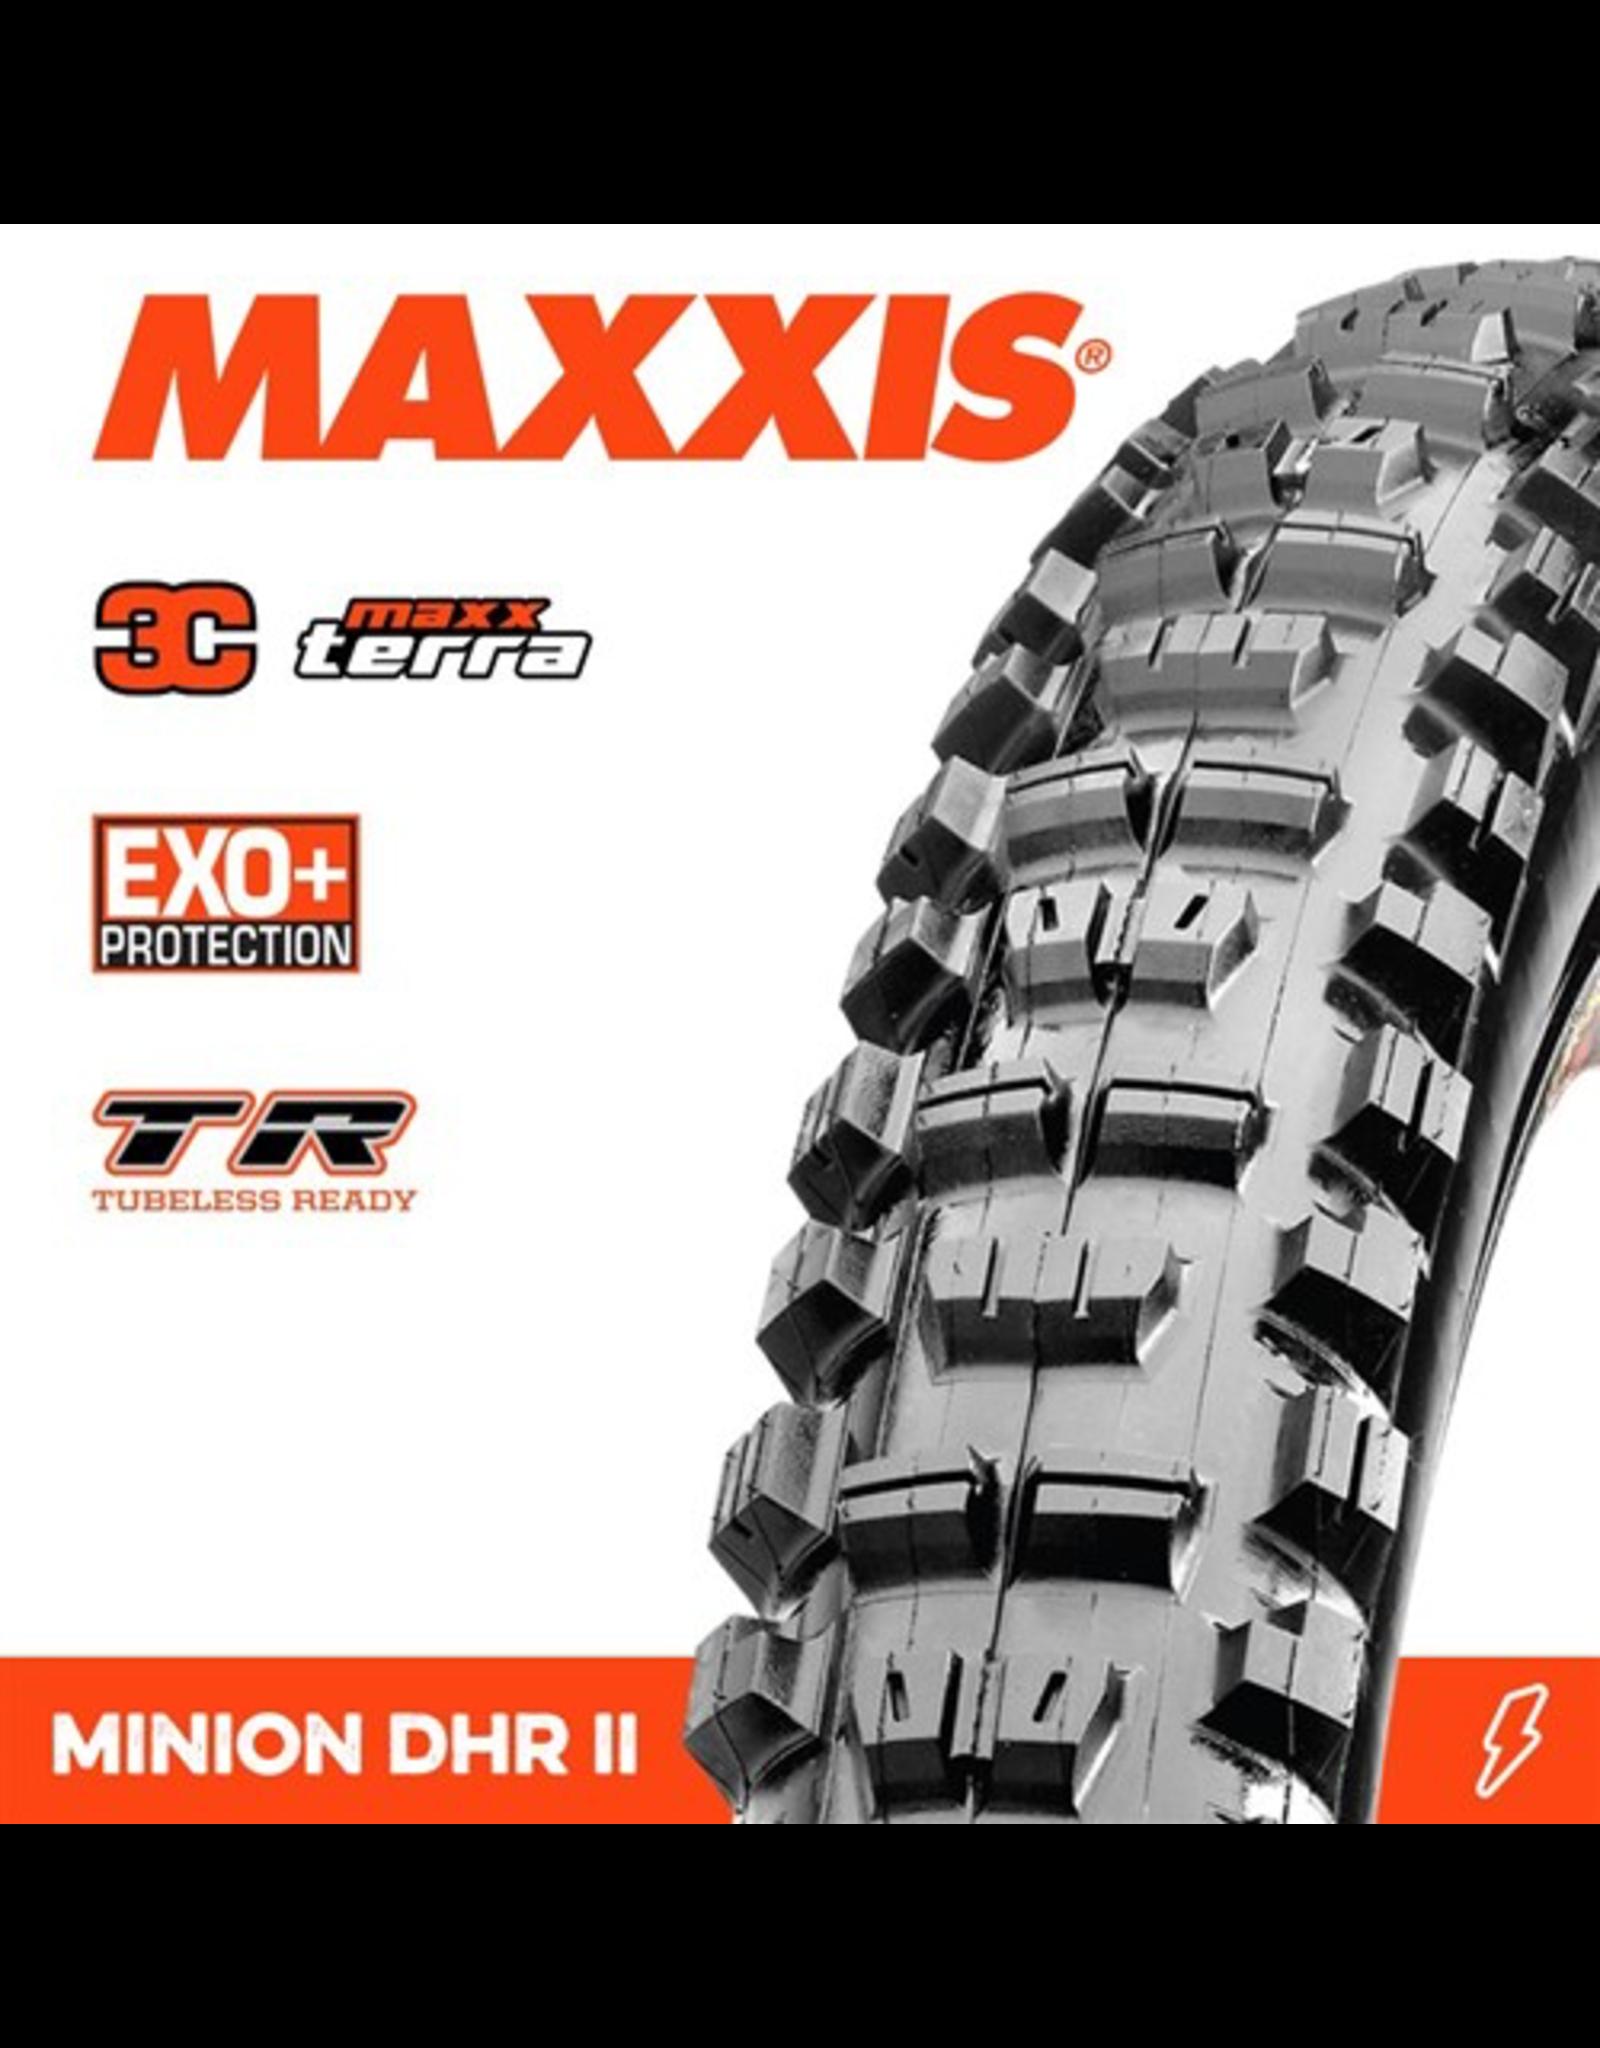 """MAXXIS MAXXIS MINION DHR II 27.5 X 2.40"""" TR EXO+ 3C MAXX TERRA FOLD 120 TPI TYRE"""